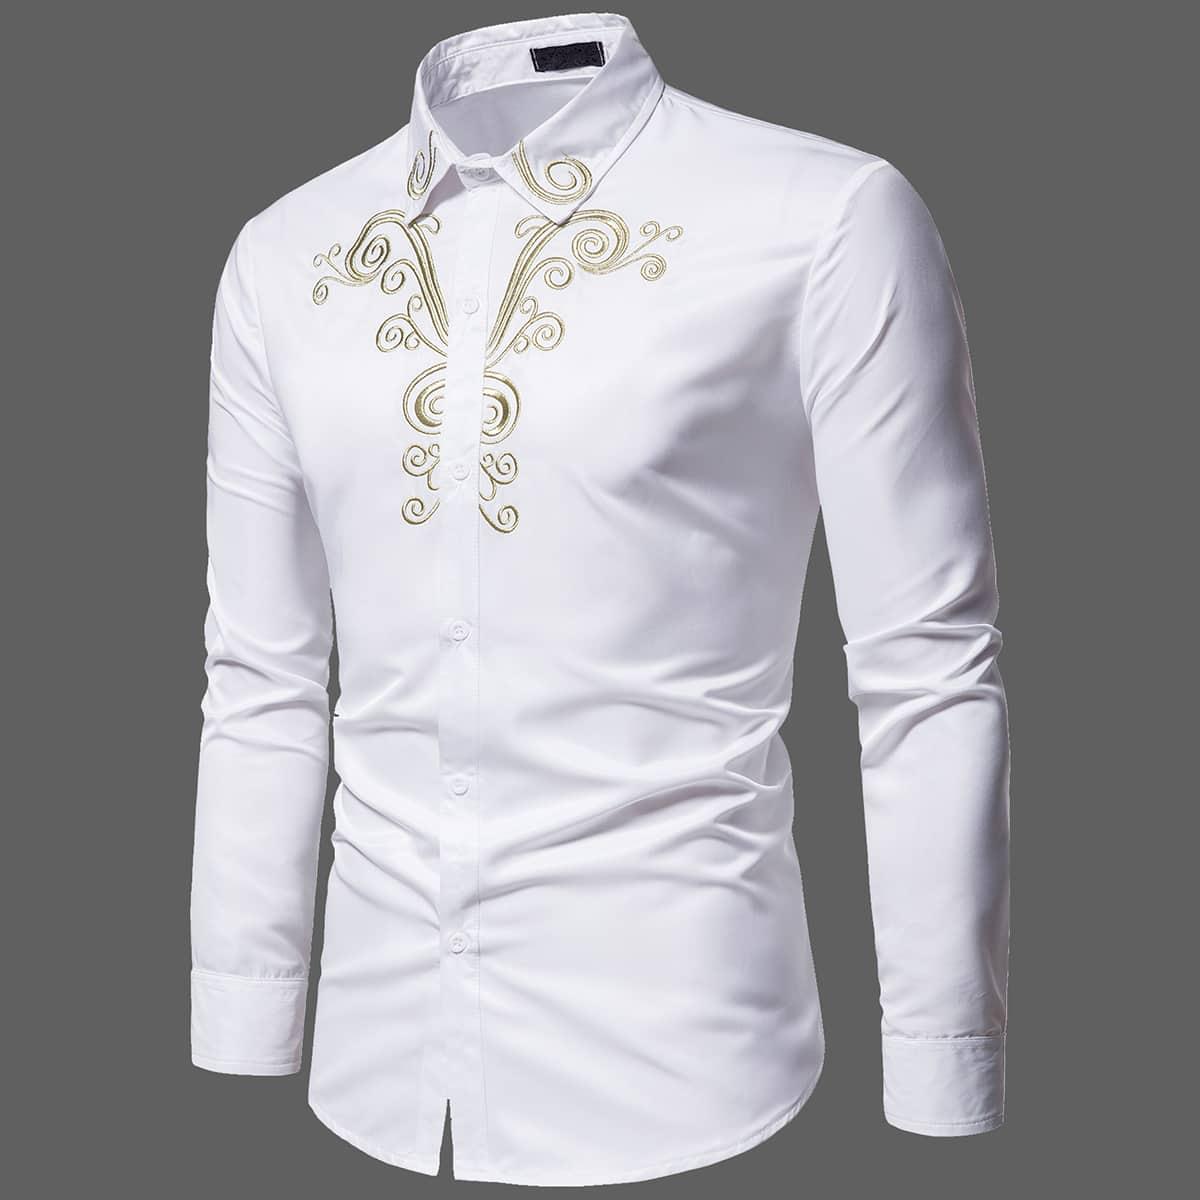 Мужской Рубашка с узором вышивкой на пуговицах